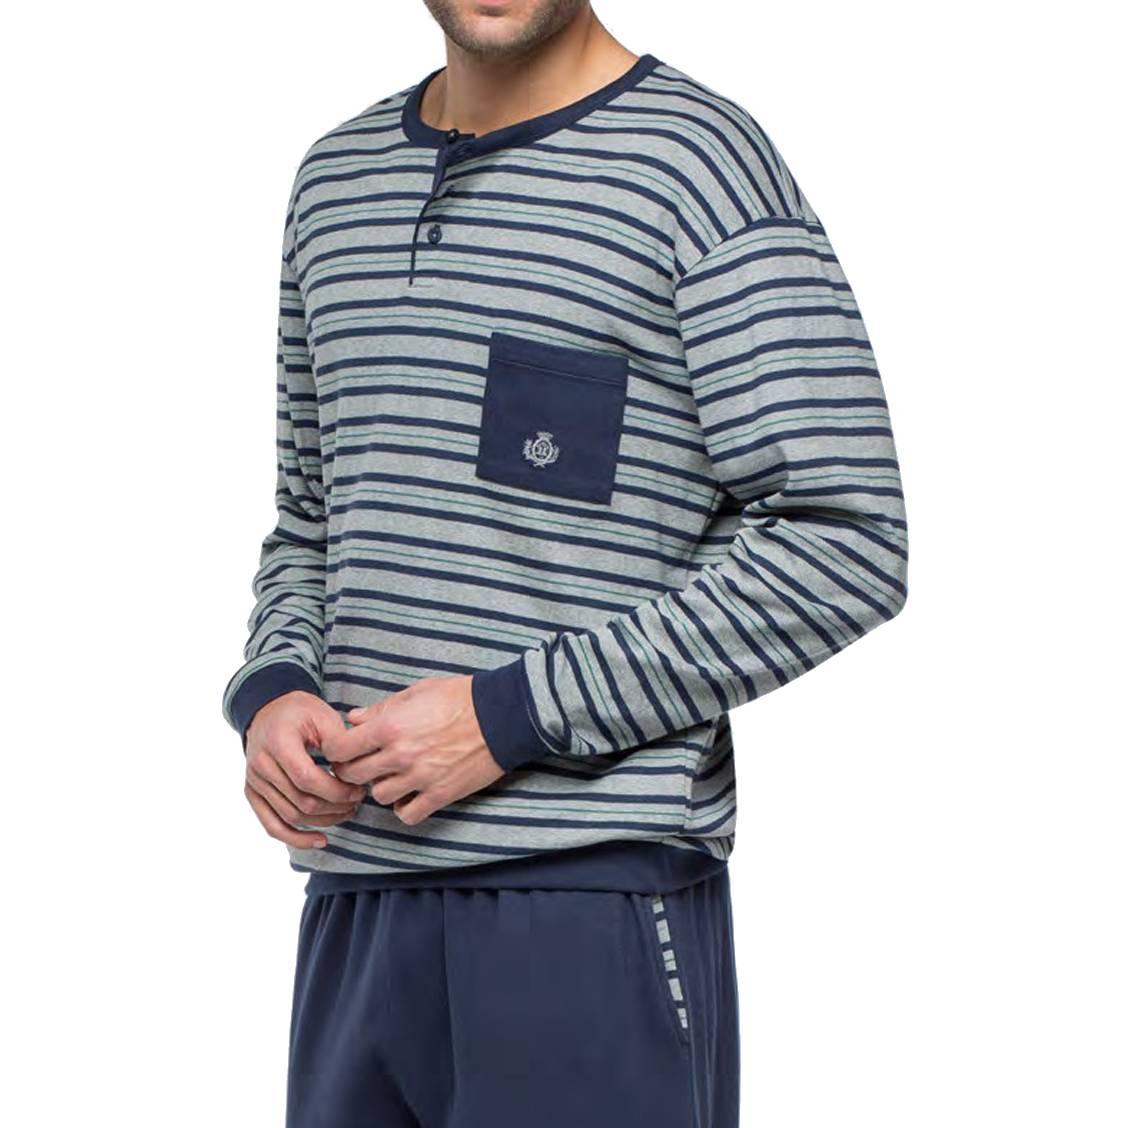 Pyjama long Guasch en coton forme jogging : sweat col tunisien à rayures bleu marine, vertes et gris chiné et pantalon bleu marine